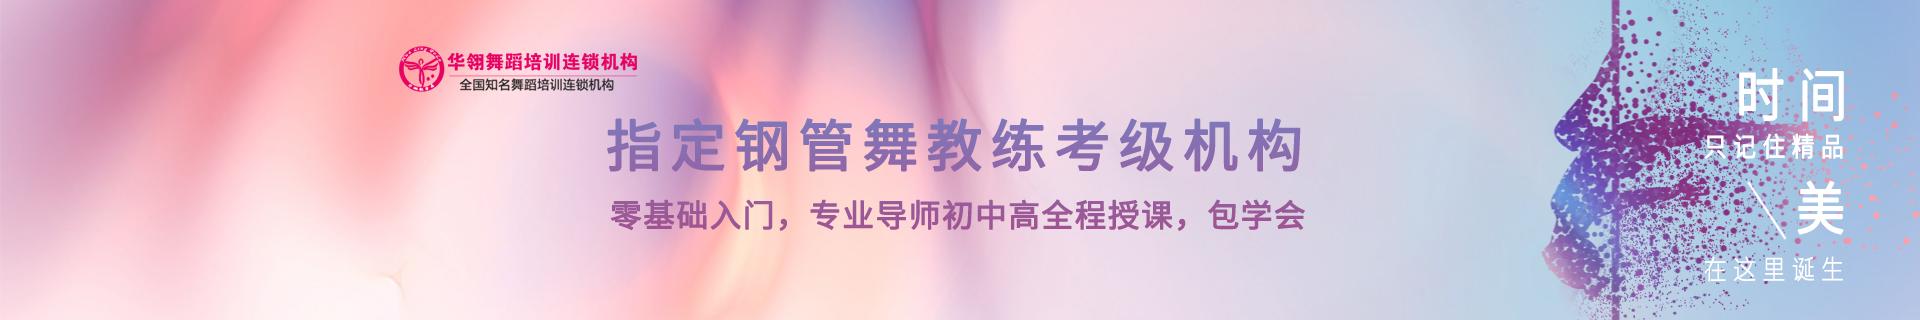 赣州万象城华翎舞蹈培训机构